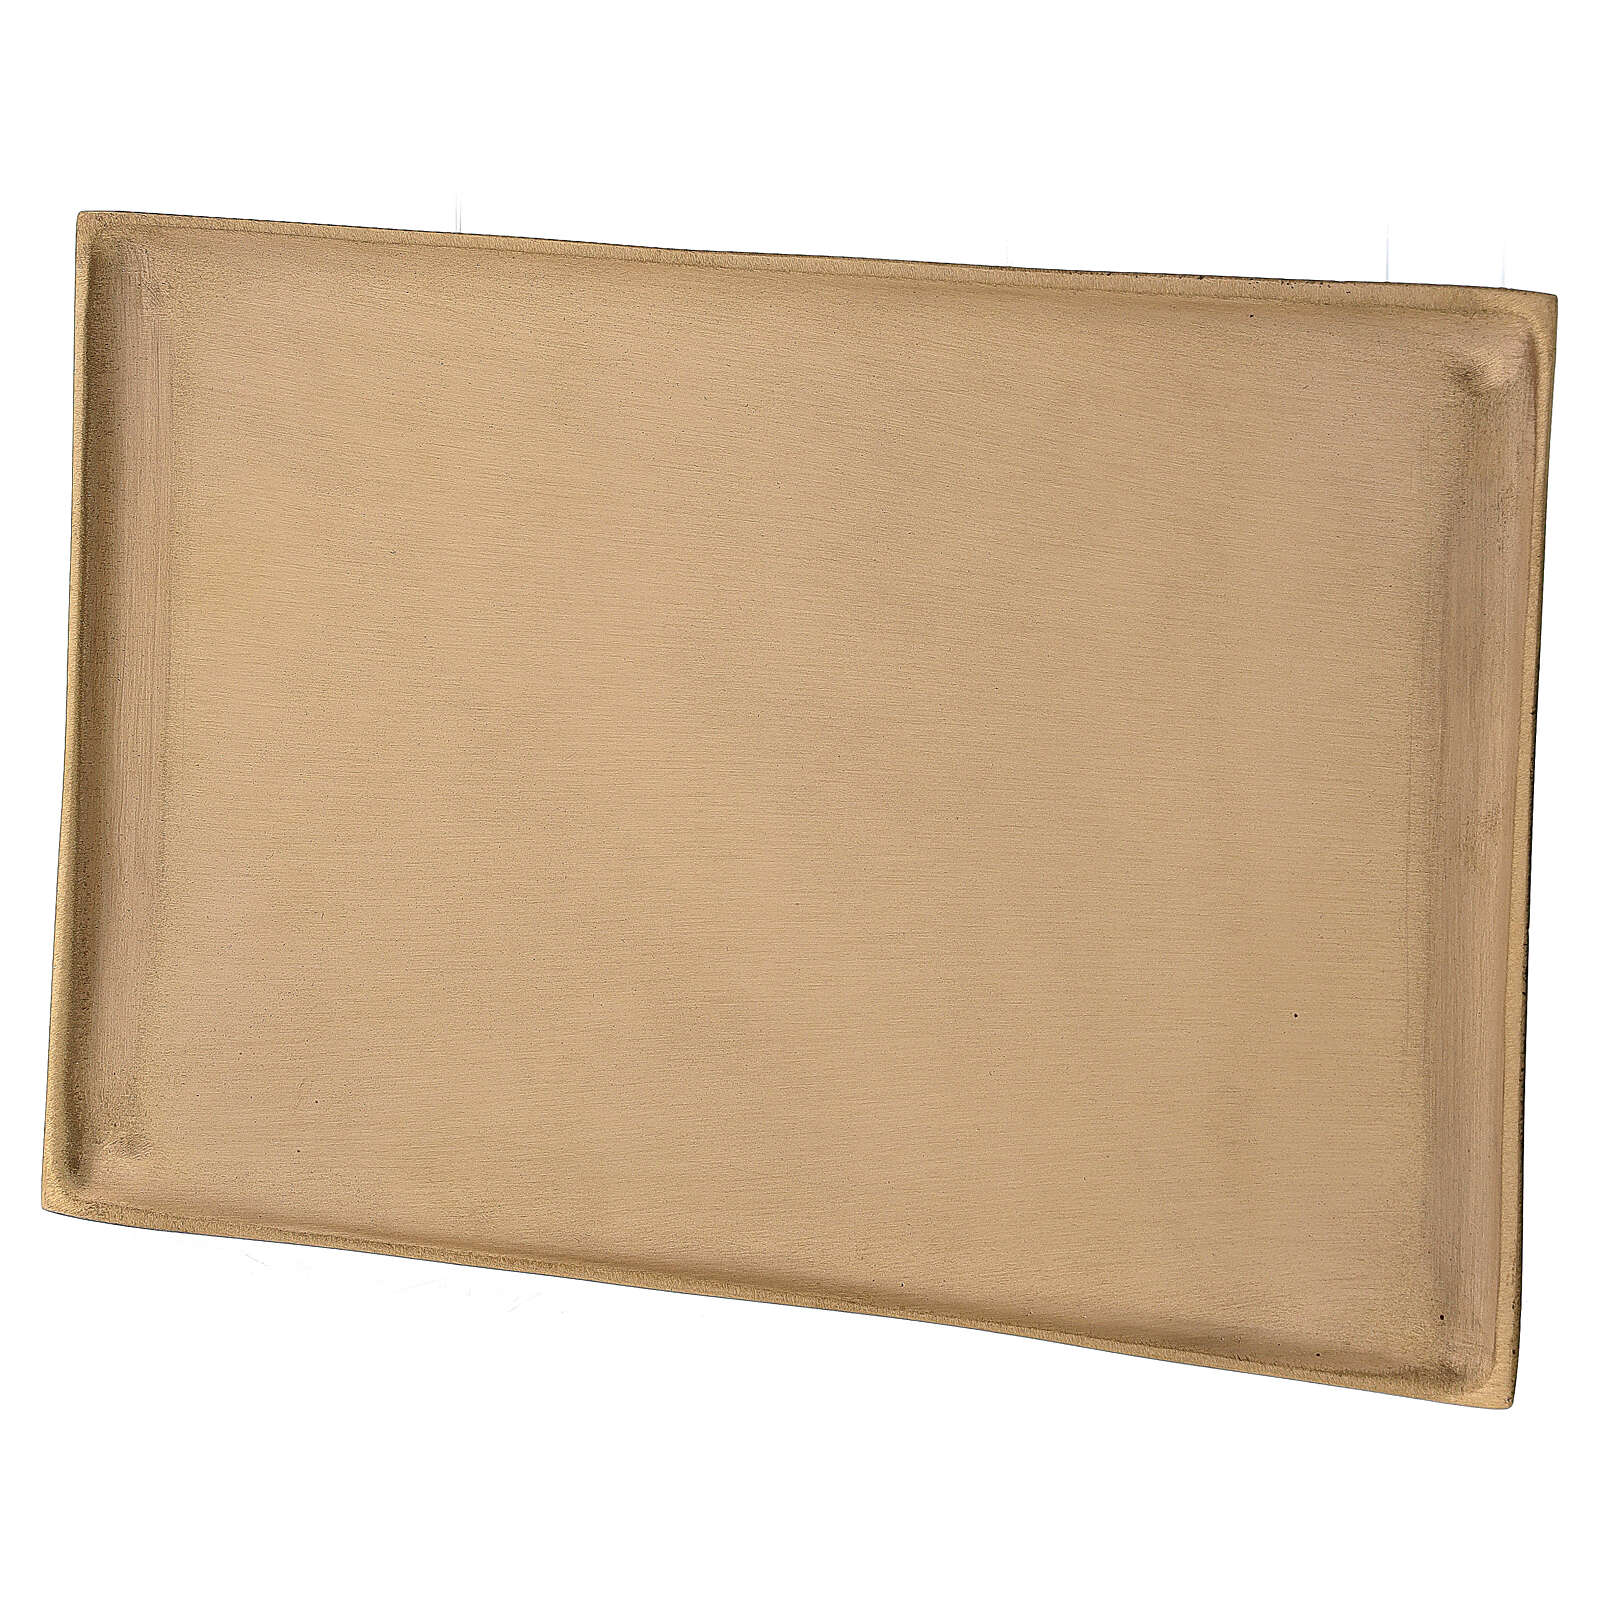 Plato portavela rectangular latón satinado 23x13 cm 3